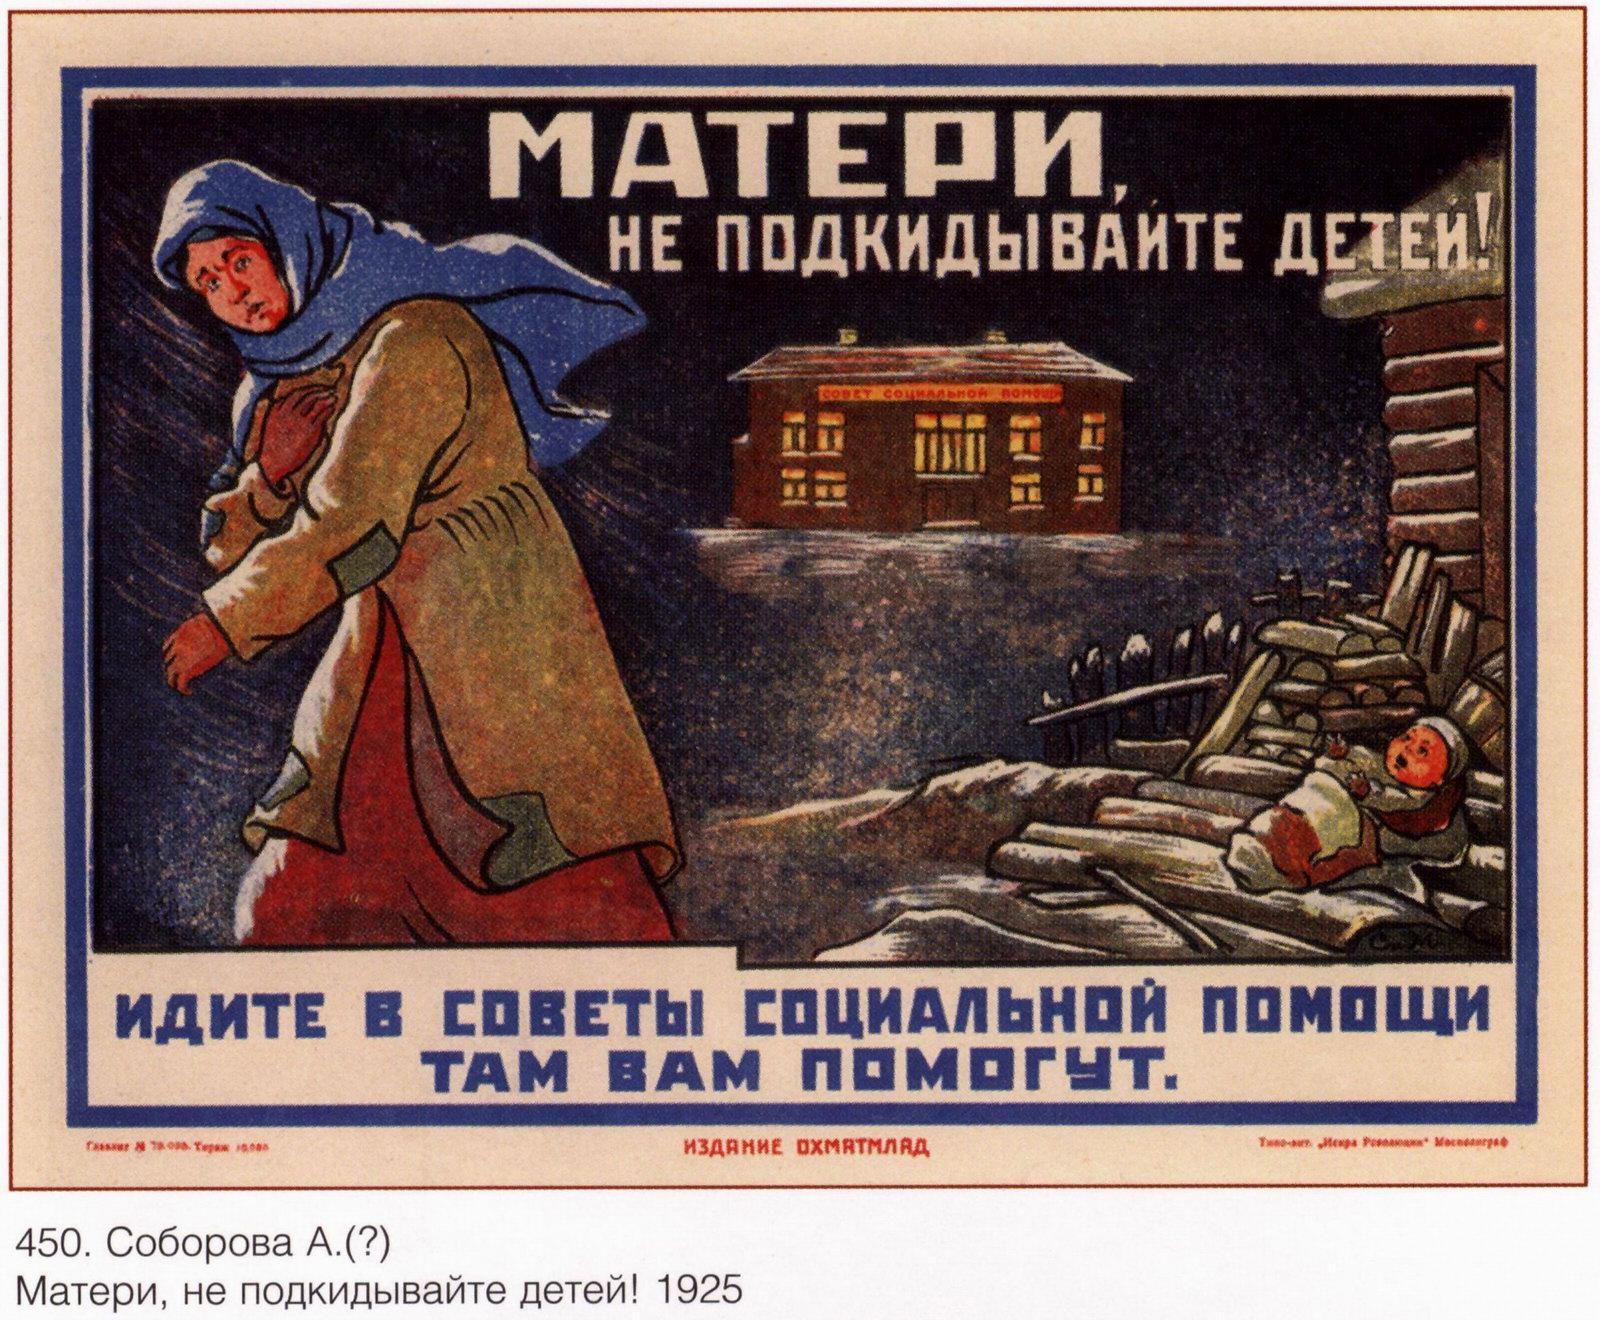 I read the Soviet propaganda 37